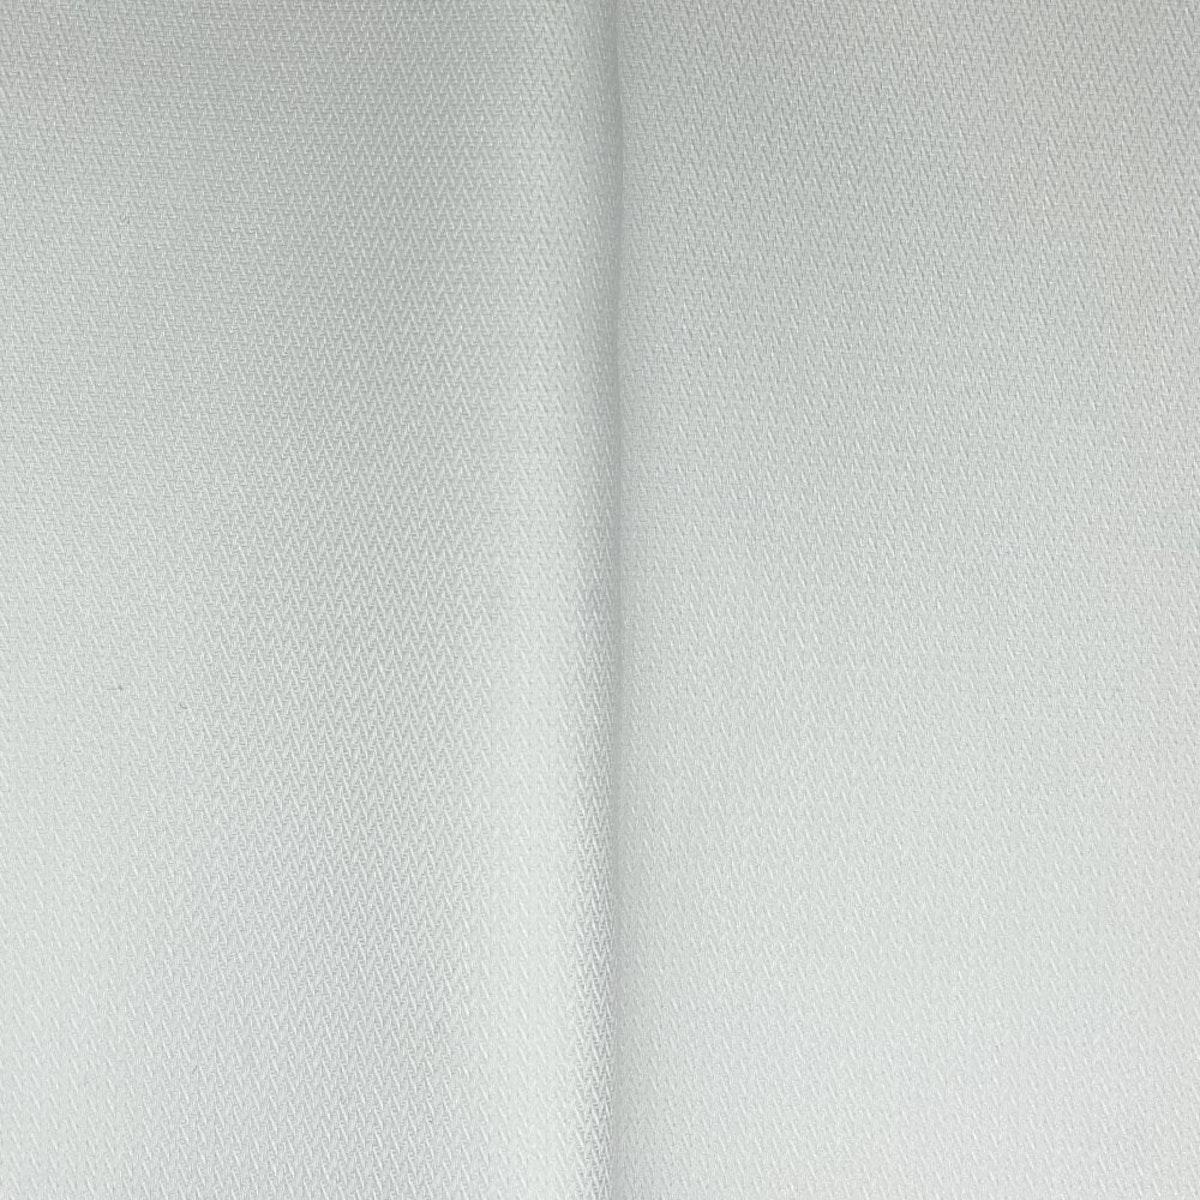 InStitchu Shirt Fabric 34